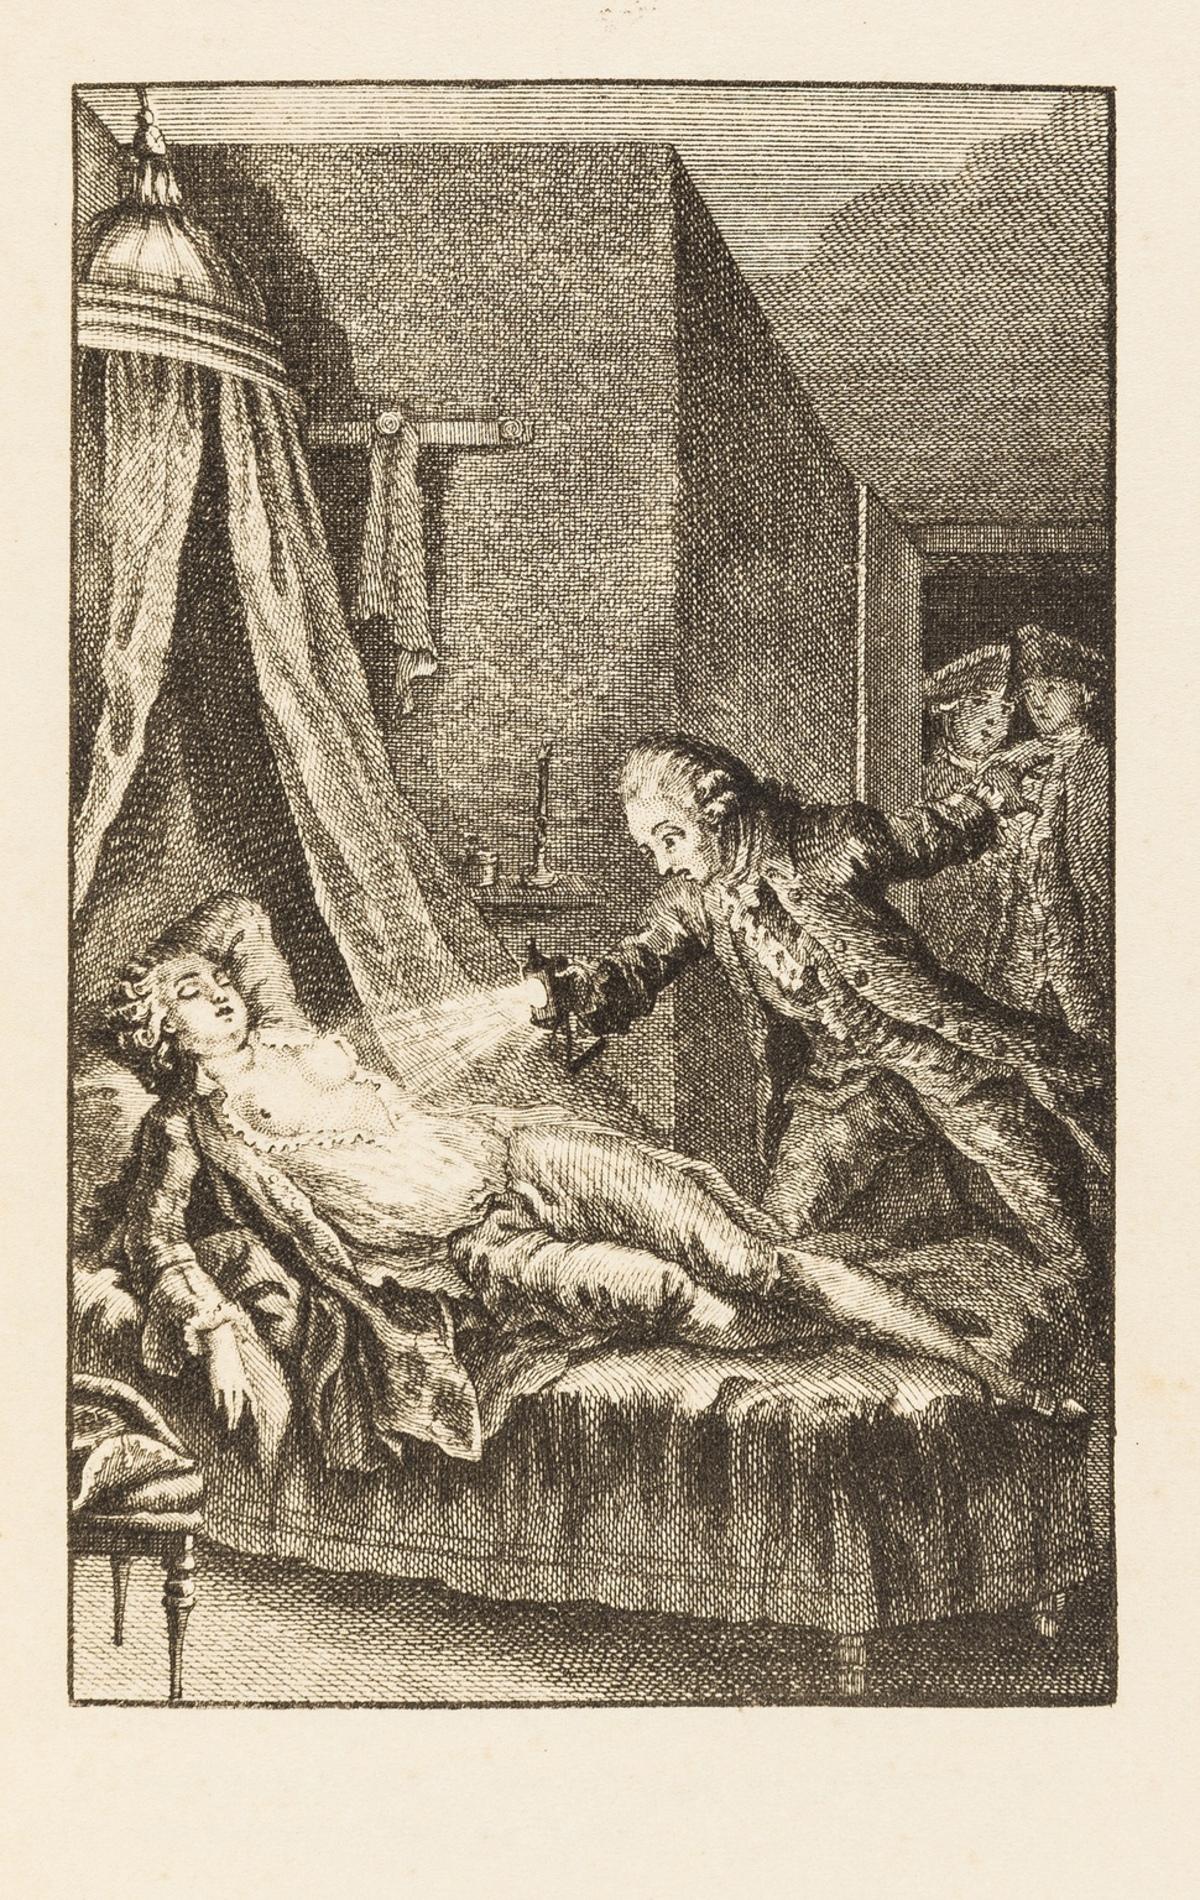 Erotica.- Bretonne (Rétif de la) Zeitgenössinnen: Abenteuer Hübscher Frauen, 2 vol., Munich, Georg …